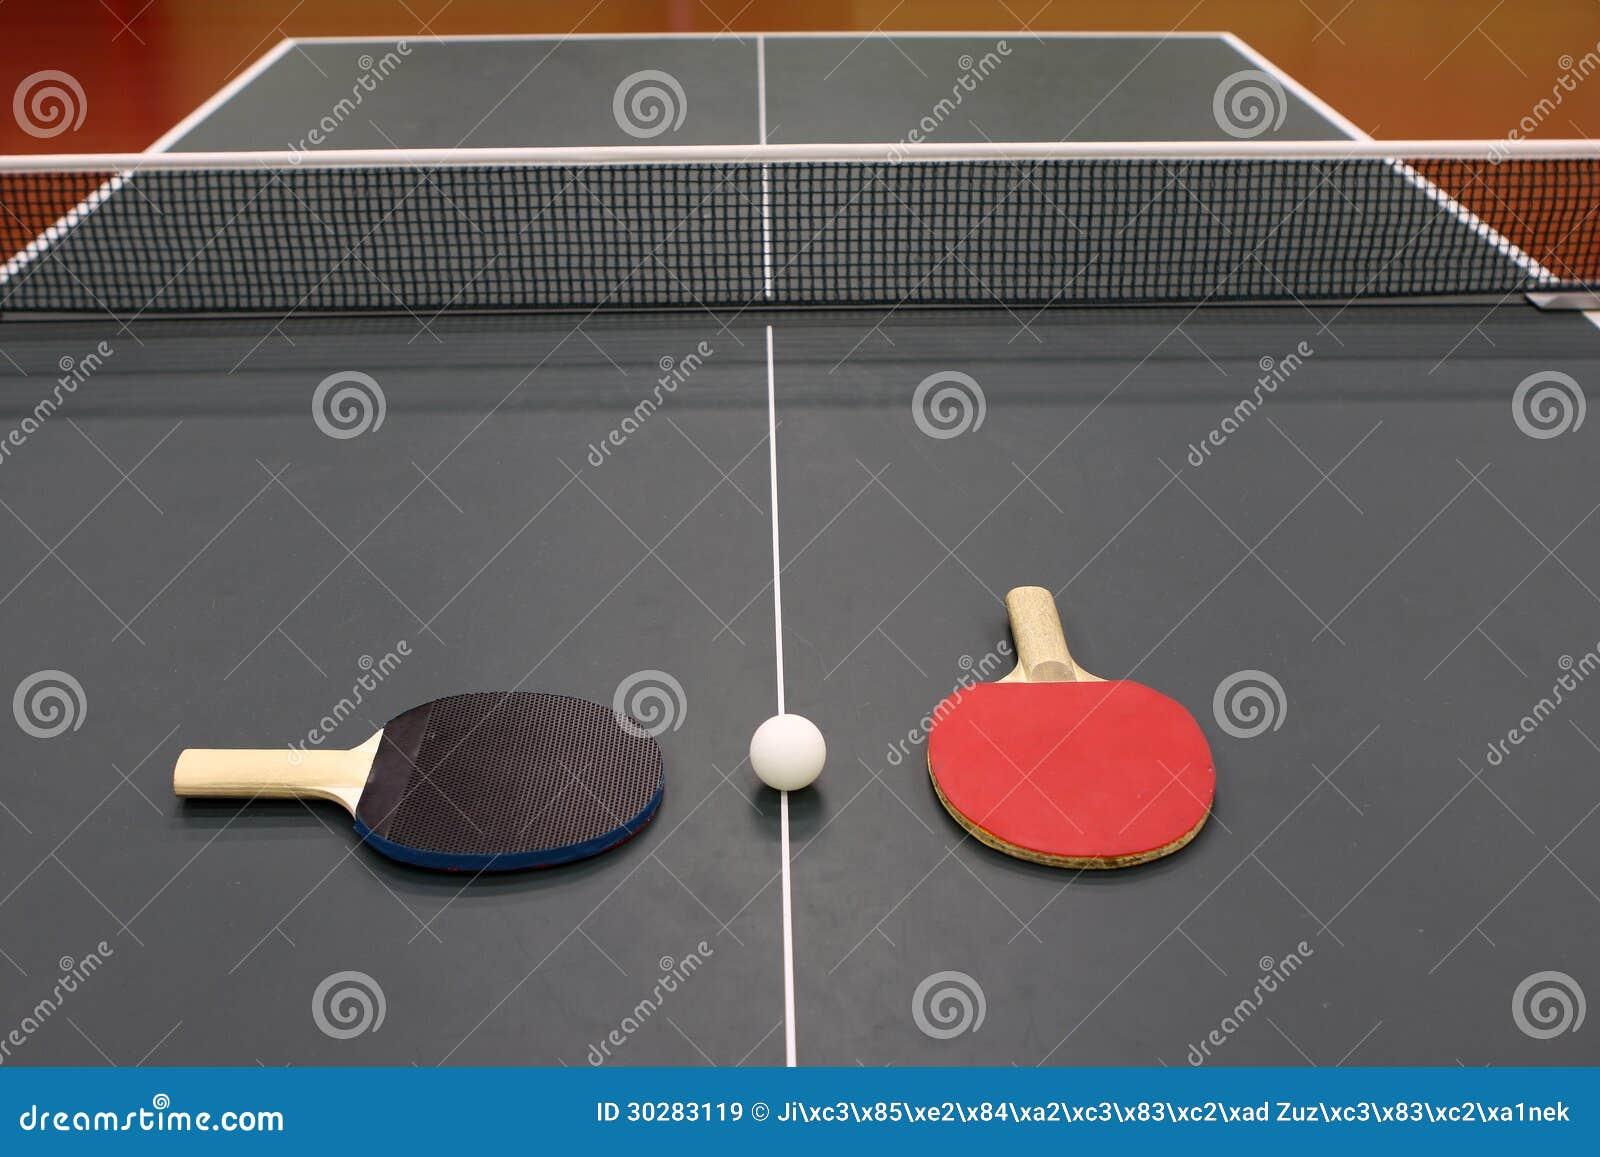 乒乓球球拍